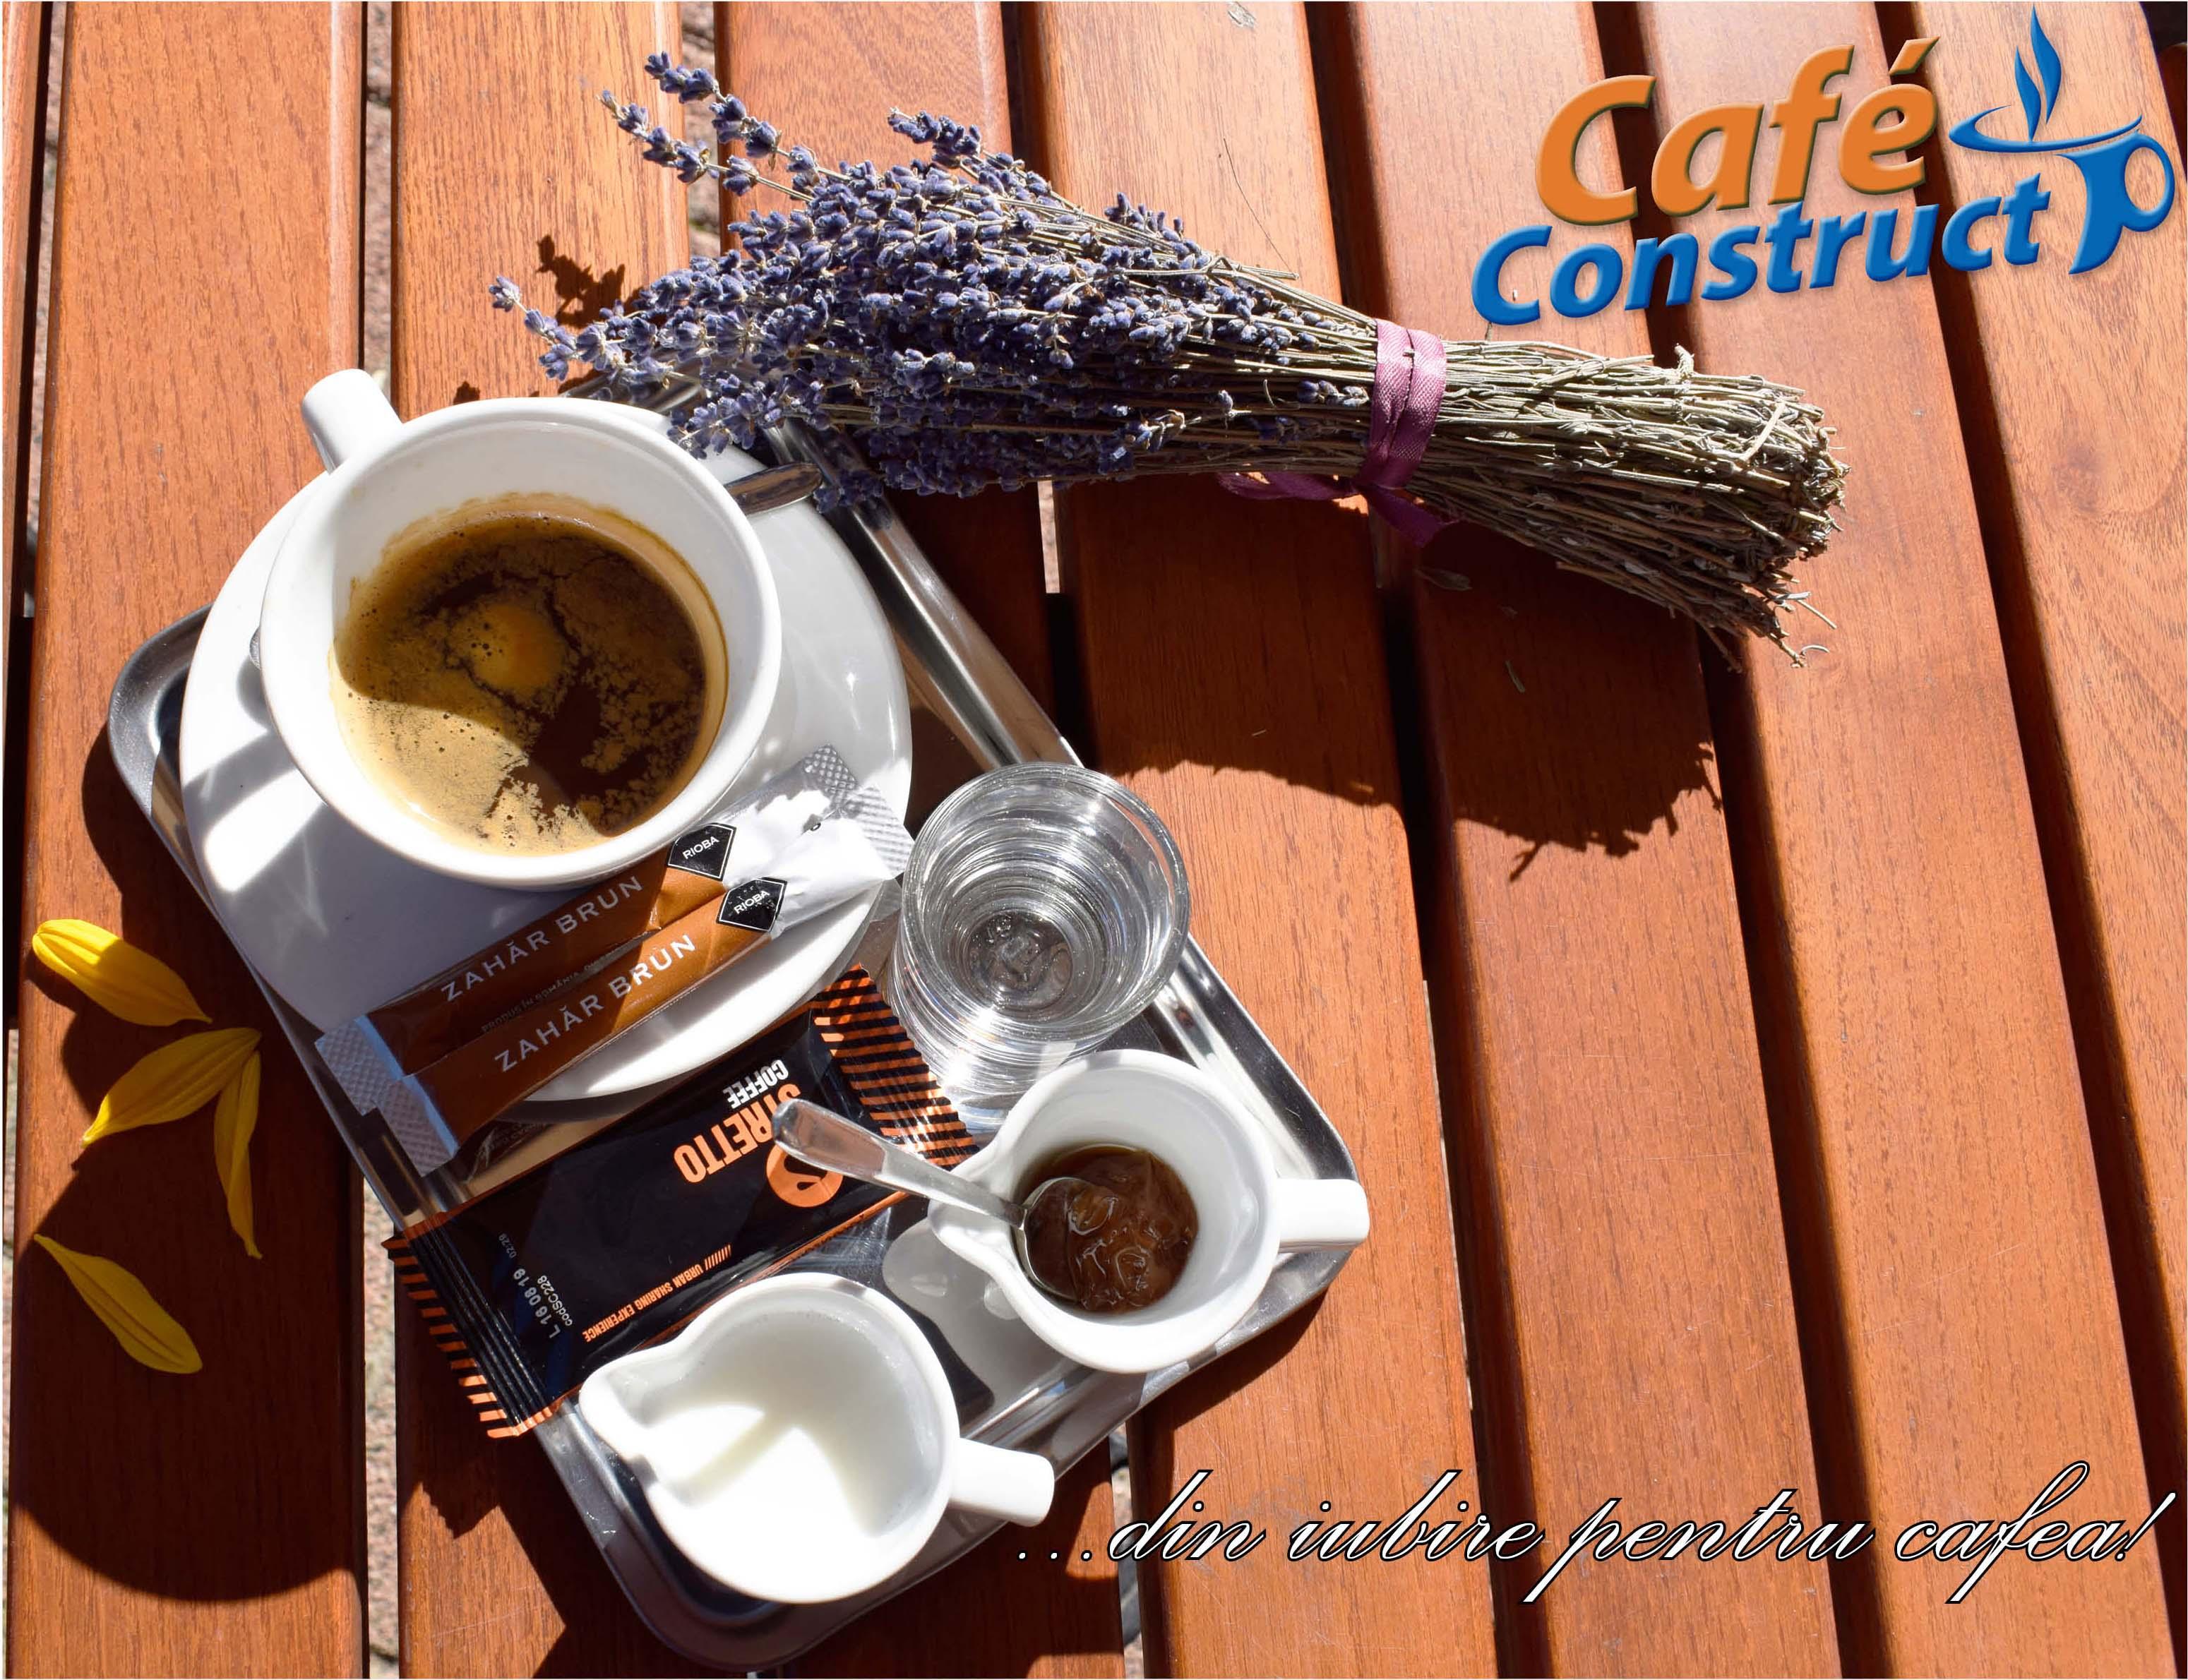 Dieta cu cafea - Învaţă să slăbeşti cu ajutorul unui - alegsatraiesc.ro, inspiratie zi de zi